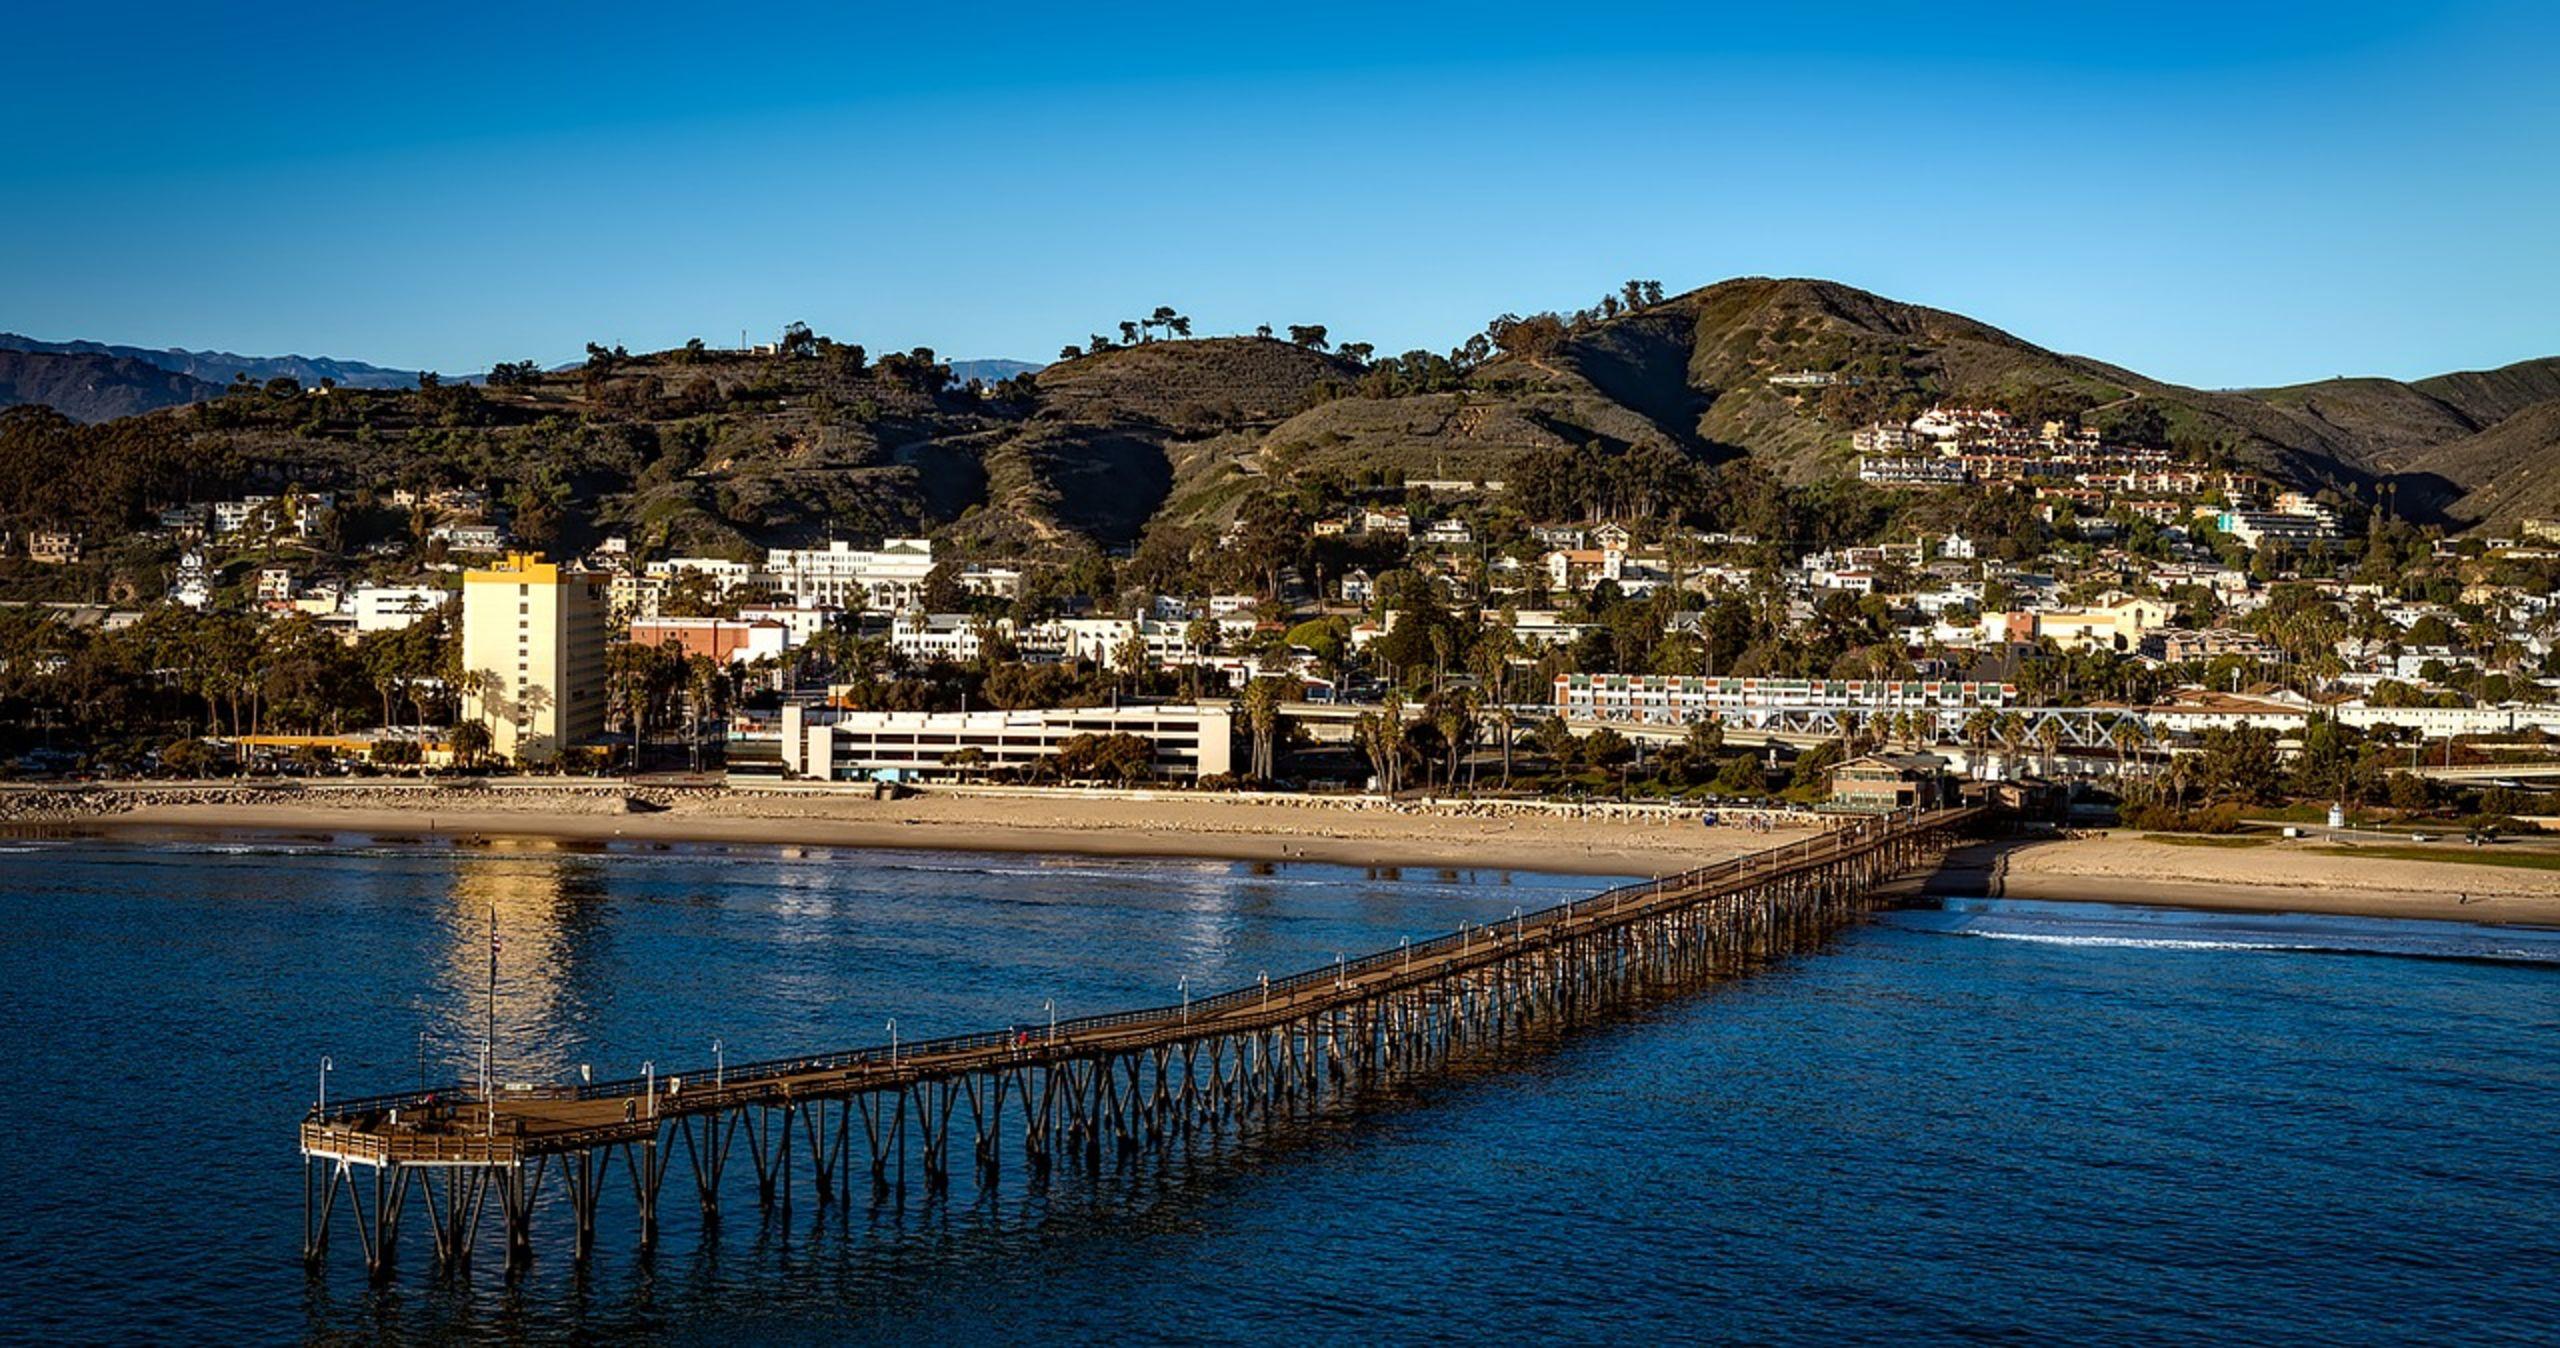 From Ventura...